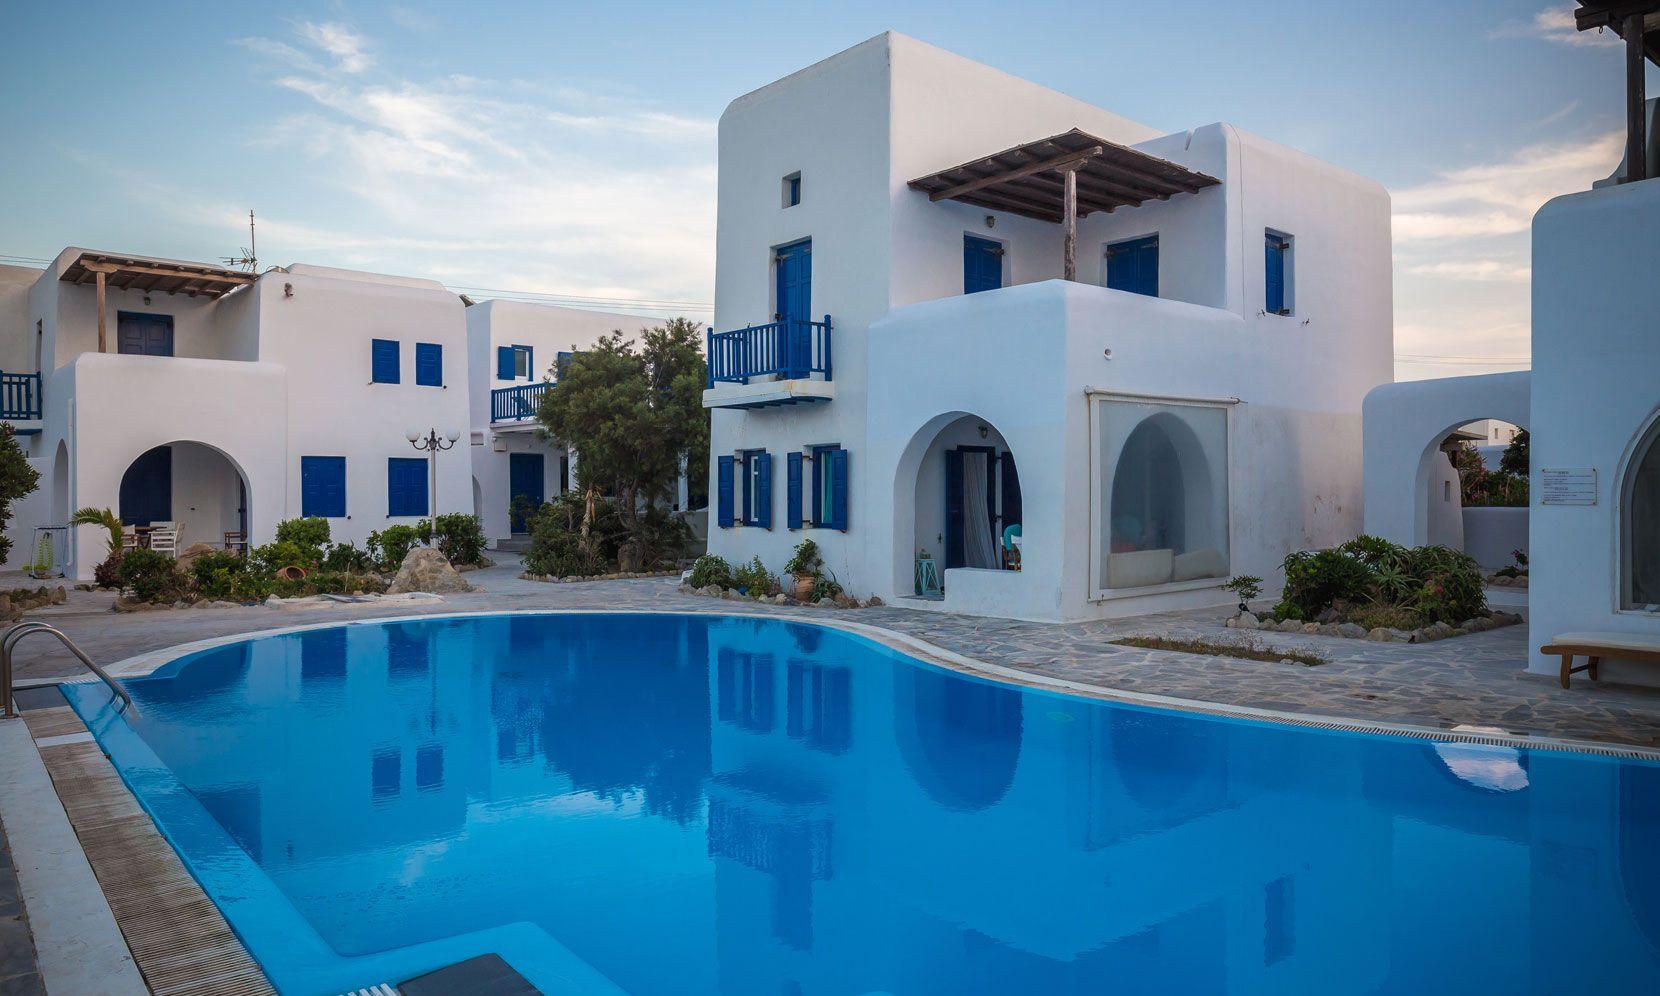 Mykonos Villa Jasmine jumbotron image